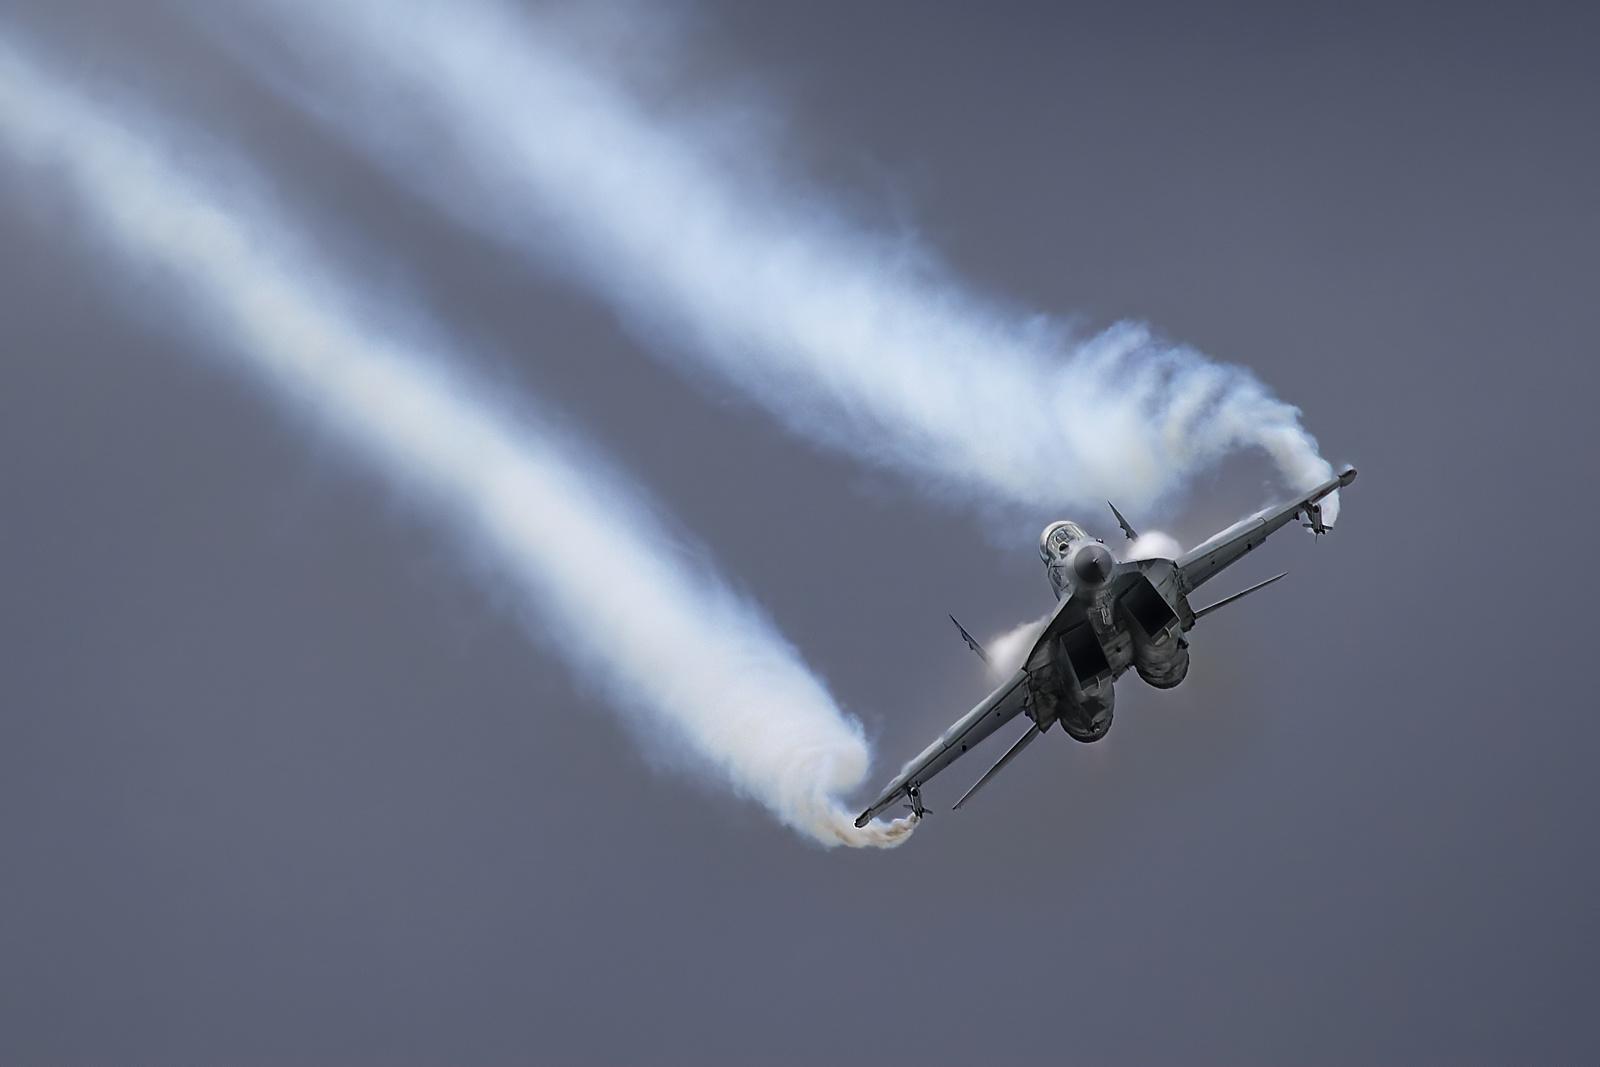 Radar Baru Pesawat Tempur MiG-35 Mampu Lacak 30 Target Sekaligus